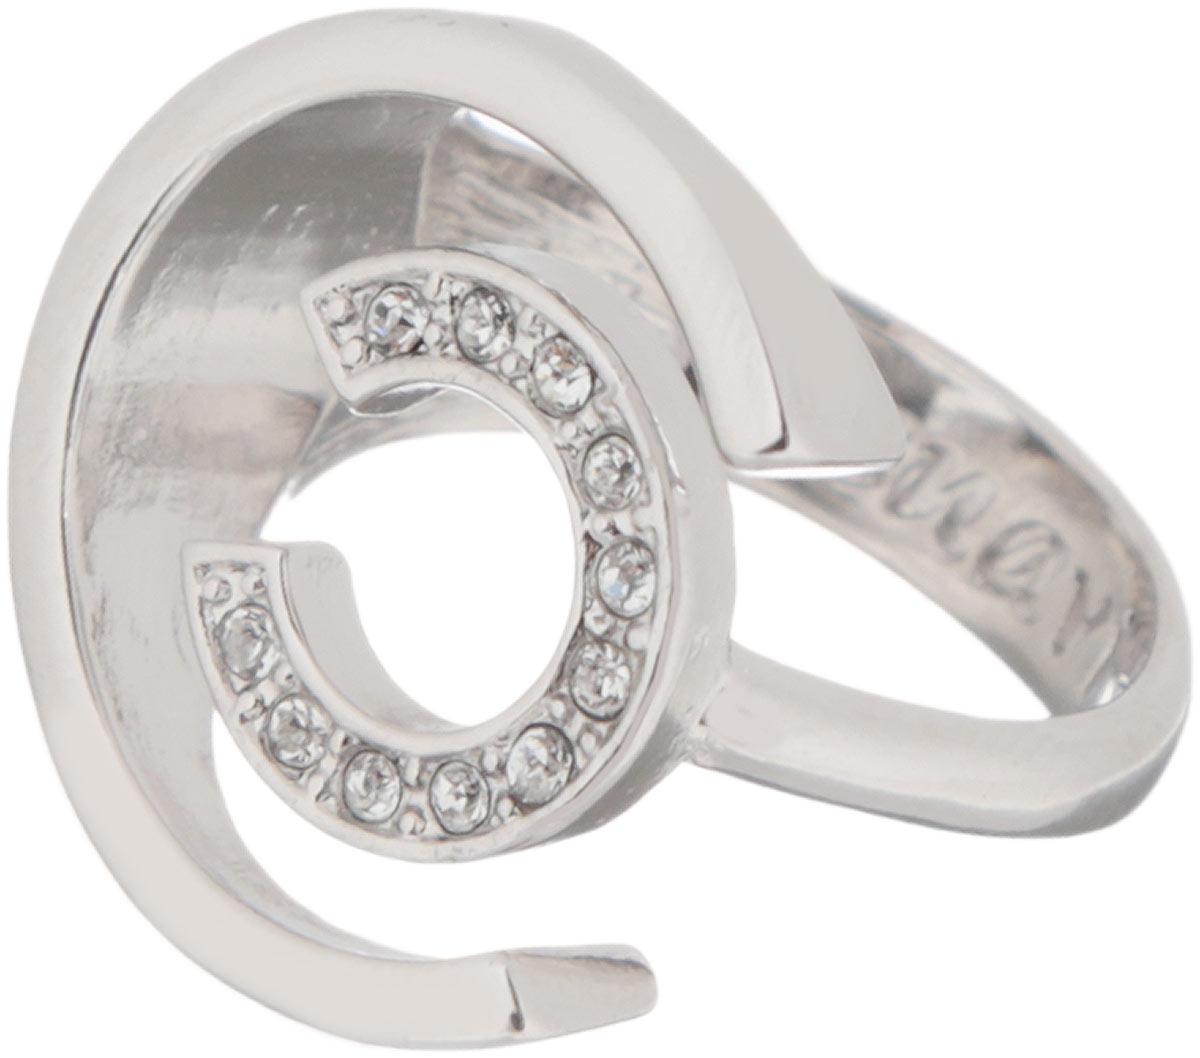 Кольцо Jenavi Форцетия, цвет: серебряный, белый. f506f000. Размер 16Коктейльное кольцоОригинальное кольцо Jenavi Форцетия изготовлено из антиаллергического ювелирного сплава и серебрением с родированием. Декоративный элемент выполнен в виде двух полуокружностей разного размера, одна из которых инкрустирована гранеными кристаллами Swarovski.Стильное кольцо придаст вашему образу изюминку, подчеркнет индивидуальность.